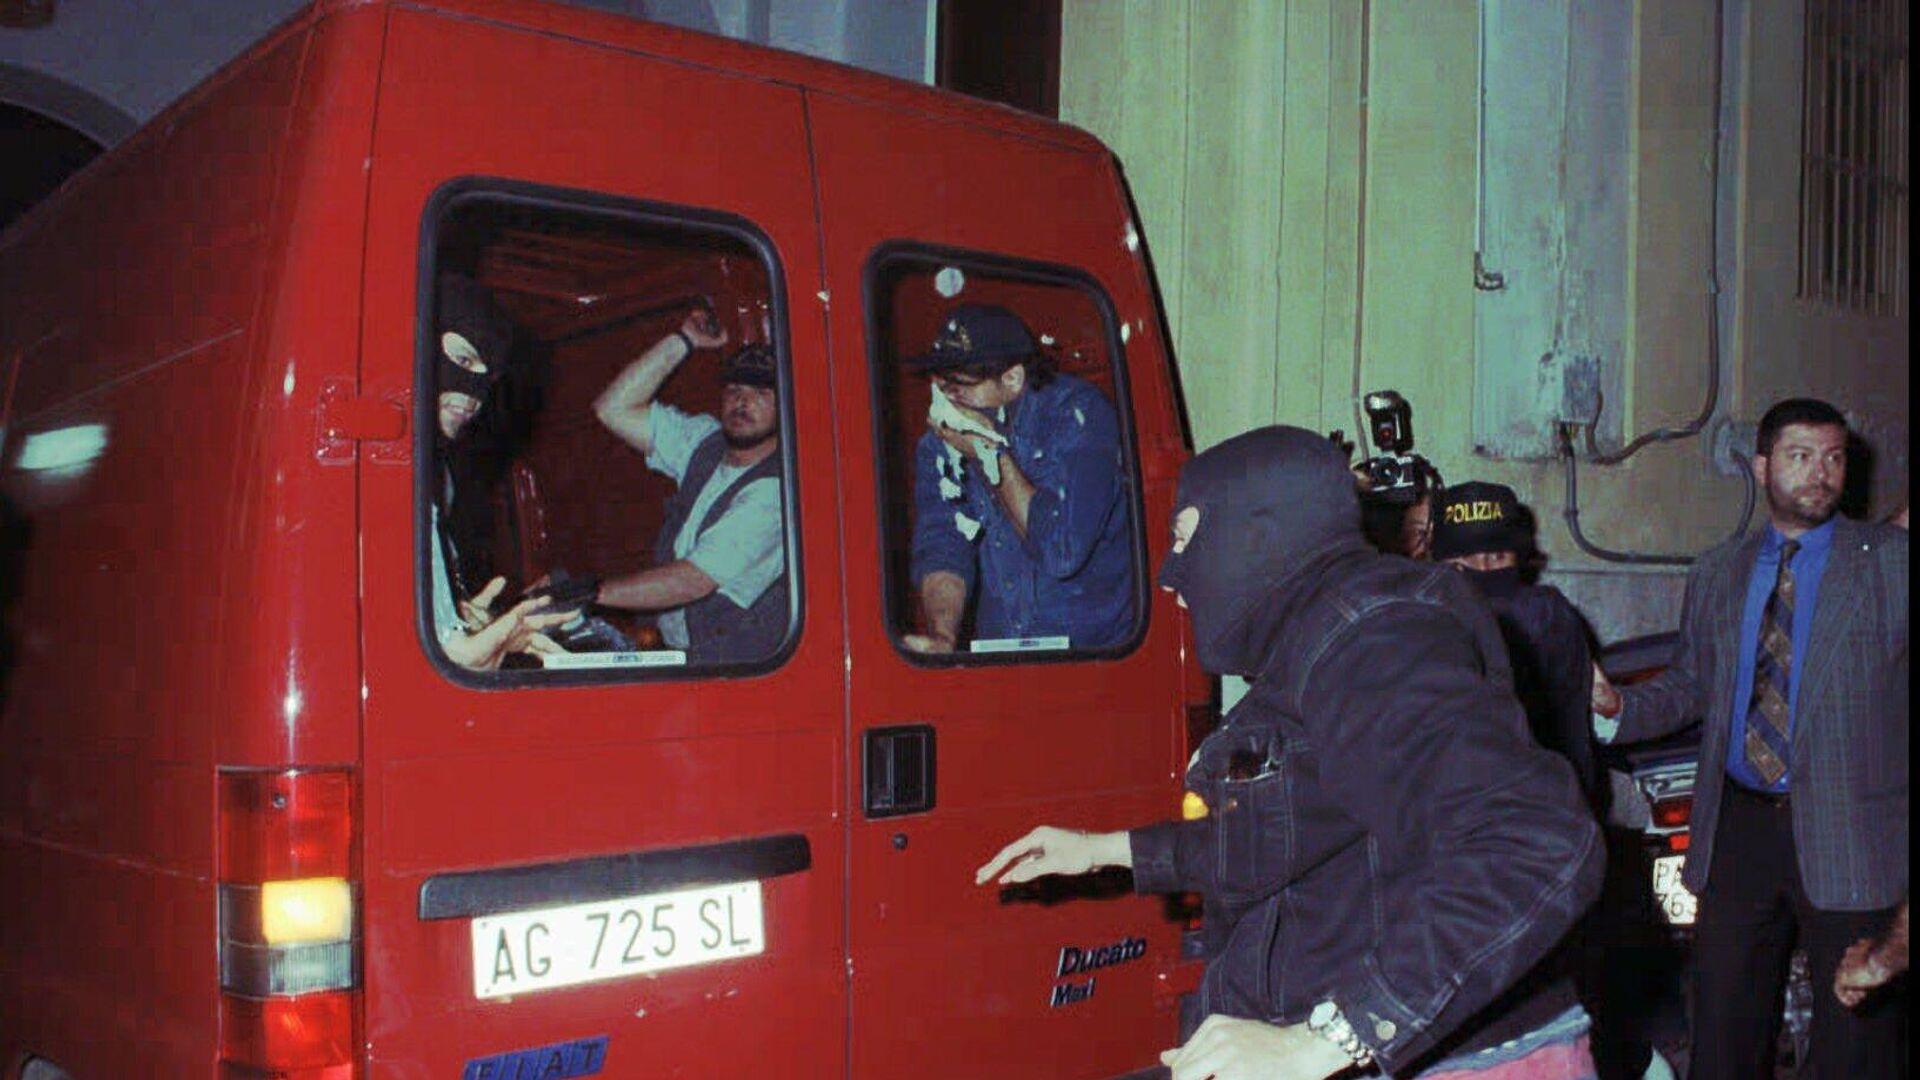 La policía italiana con Giovanni Brusca, uno de los hombres más buscados de Italia, un reputado terrorista de la mafia, y su hermano Vincenzo Brusca entran en el cuartel general de la policía en Palermo  - Sputnik Mundo, 1920, 03.06.2021